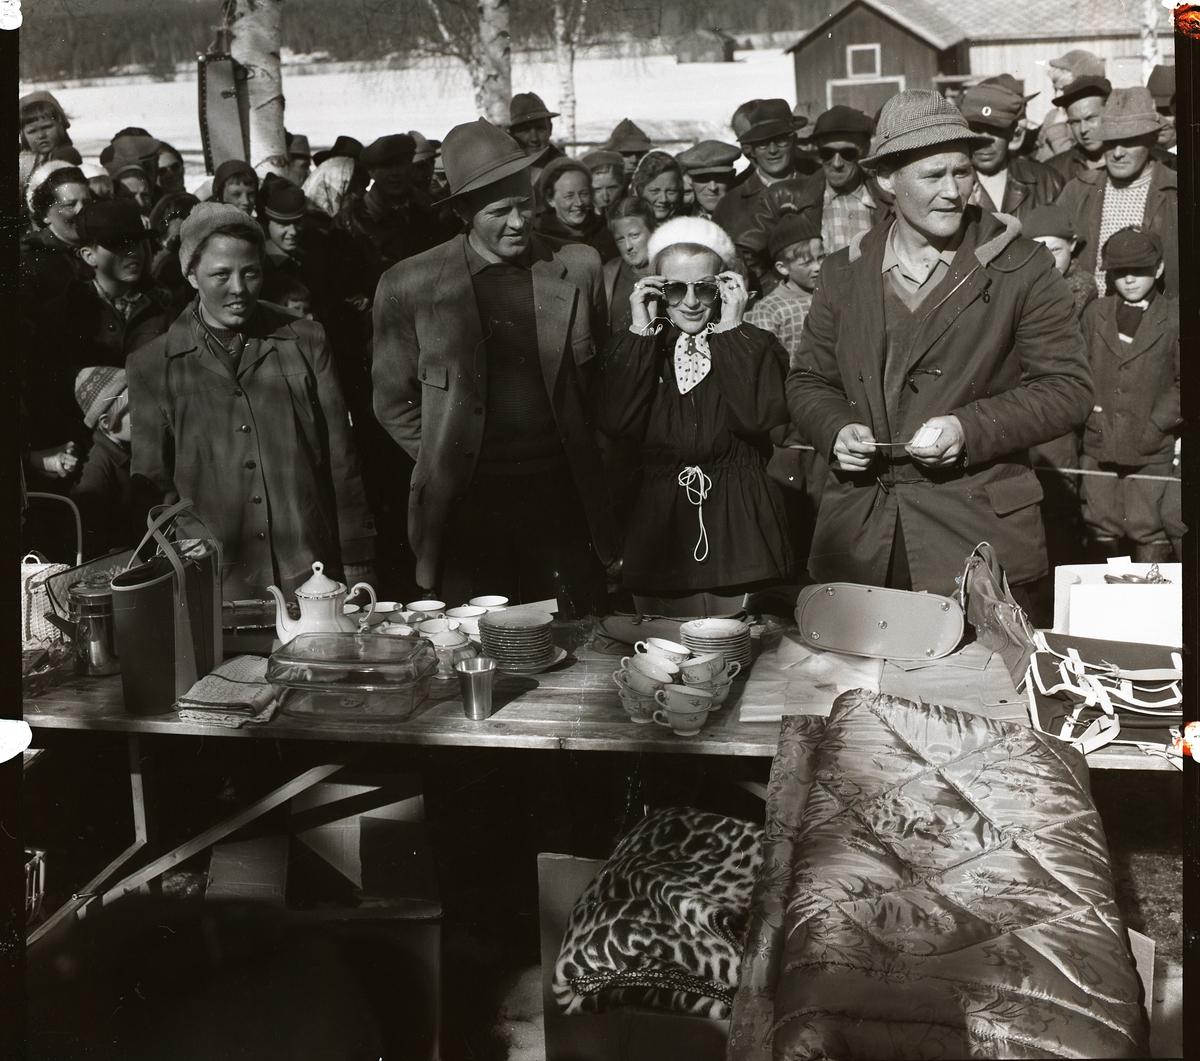 Pristagare vid pimpeltävling med 330 deltagare på Hölesjön 22 april 1956. Publik och deltagare tittar på föremålen på prisbordet.